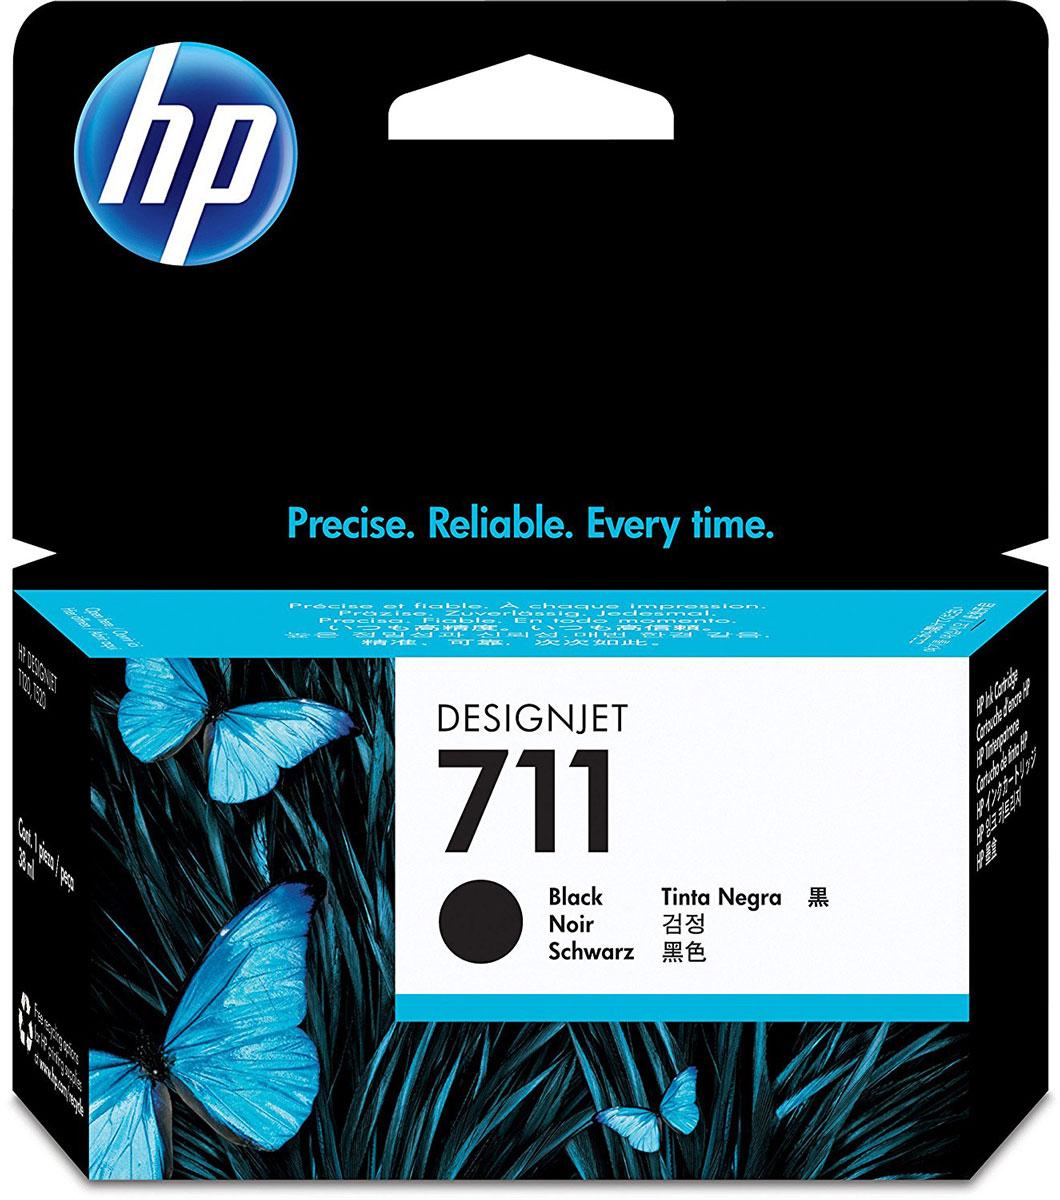 HP CZ129A (711), Black картридж для DesignJet T120/T520CZ129AКартридж HP 711 емкостью 38 мл с черными чернилами обеспечивает великолепную печать. Четкие линии в сочетании с быстрым высыханием и стойкостью фотографий к смазыванию. Оригинальные чернила HP разработаны и протестированы вместе с принтерами для обеспечения стабильных результатов. Пробы и ошибки отнимают время. Для получения качества, достойного вас, используйте оригинальные расходные материалы HP, которые в сочетании с принтером работают как оптимизированная система печати для обеспечения точных линий, четких деталей и богатой цветовой гаммы. Представьте, какое влияние вы сможете оказать на своих слушателей, если в вашем арсенале будут четкие и легкочитаемые чертежи и цветные презентации. Оригинальные чернила HP — это уникальная комбинация качества и надежности; чернила HP — это четкость линий, быстрое высыхание и стойкость к смазыванию.